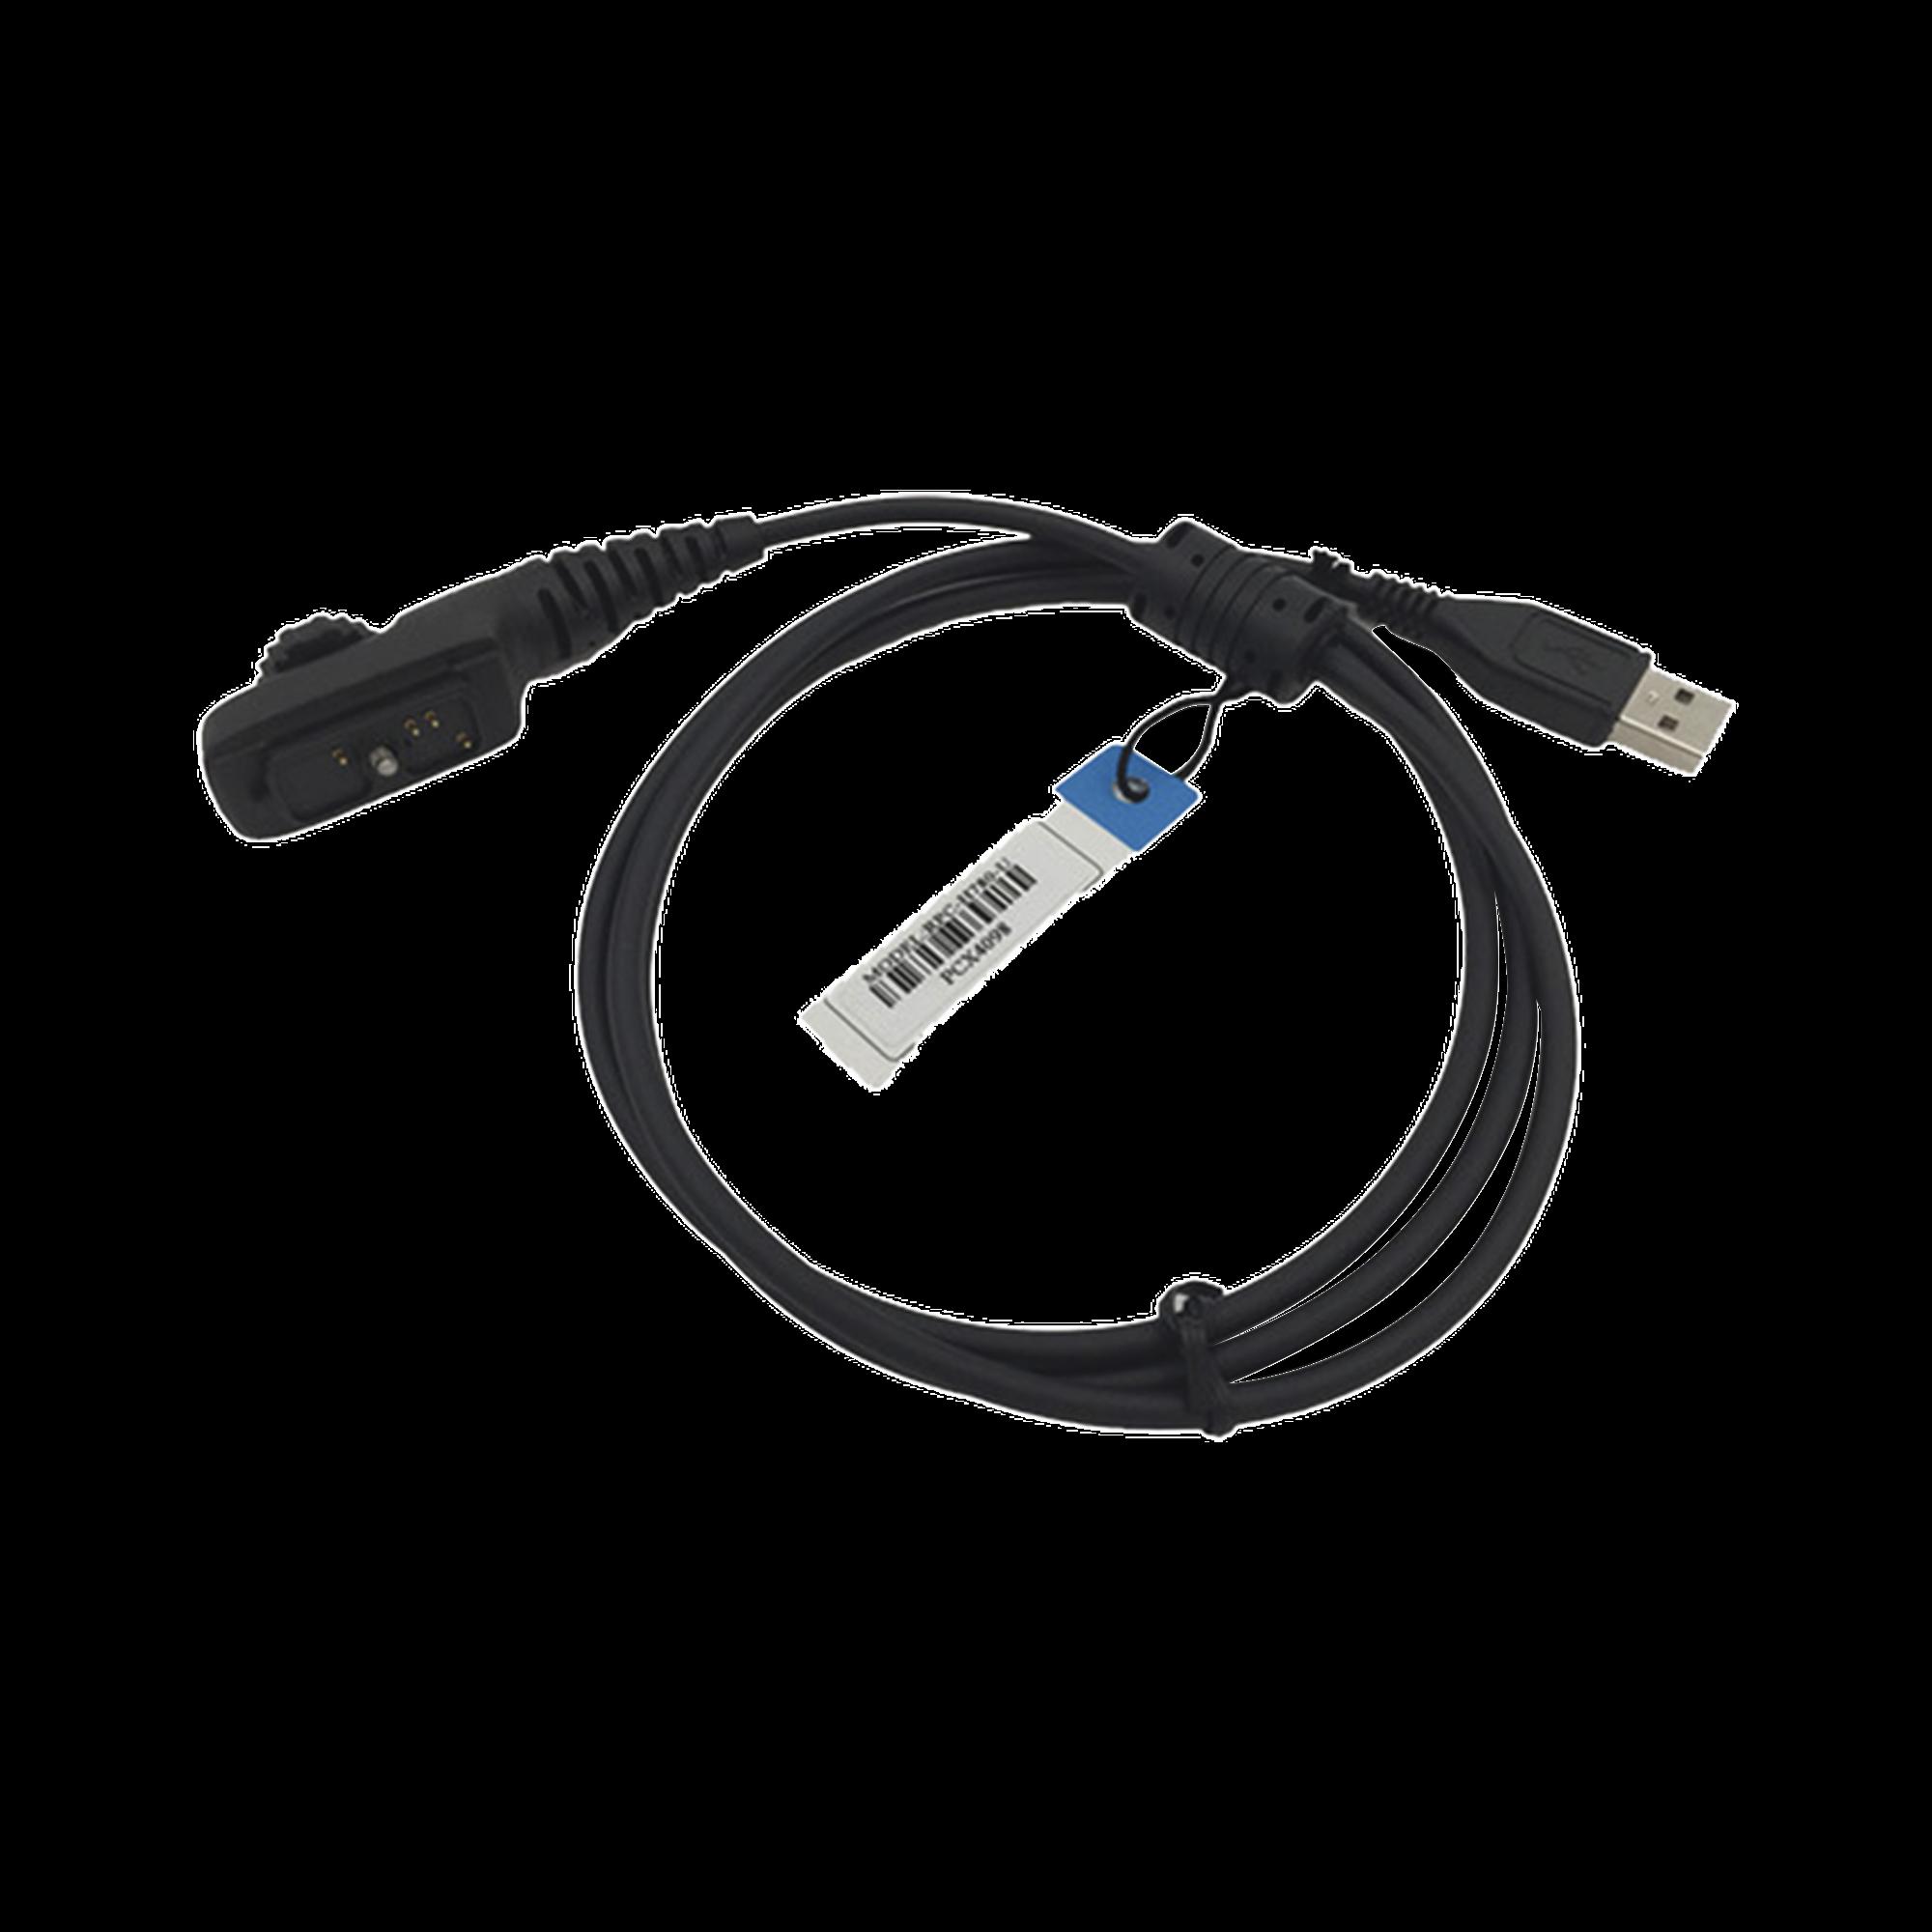 Cable programador para radios HYT PD700/ PD702/ PD780/ PD782/ PD788/ PD580.